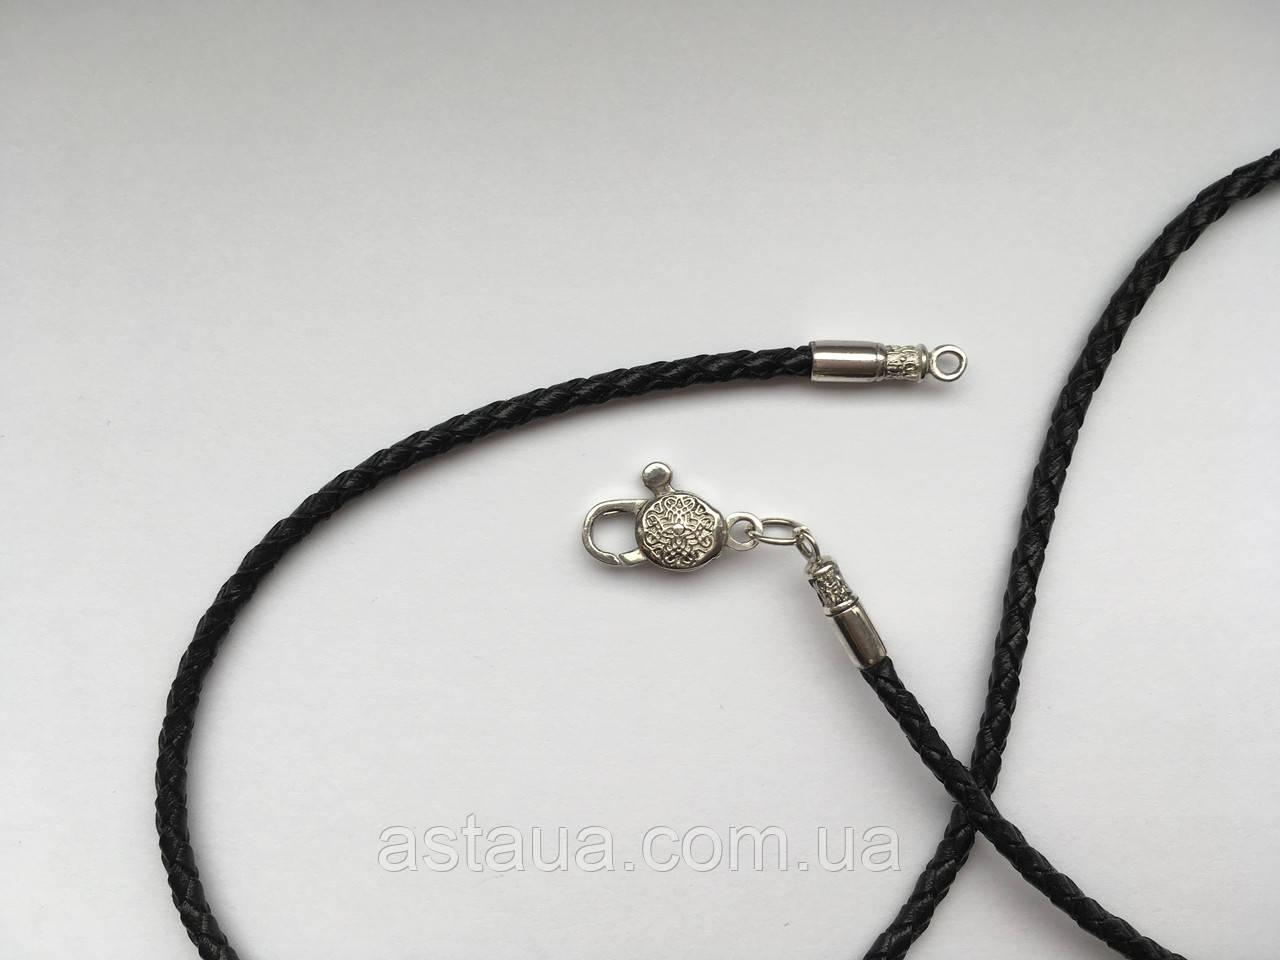 Шнурок кожа с серебряной застёжкой